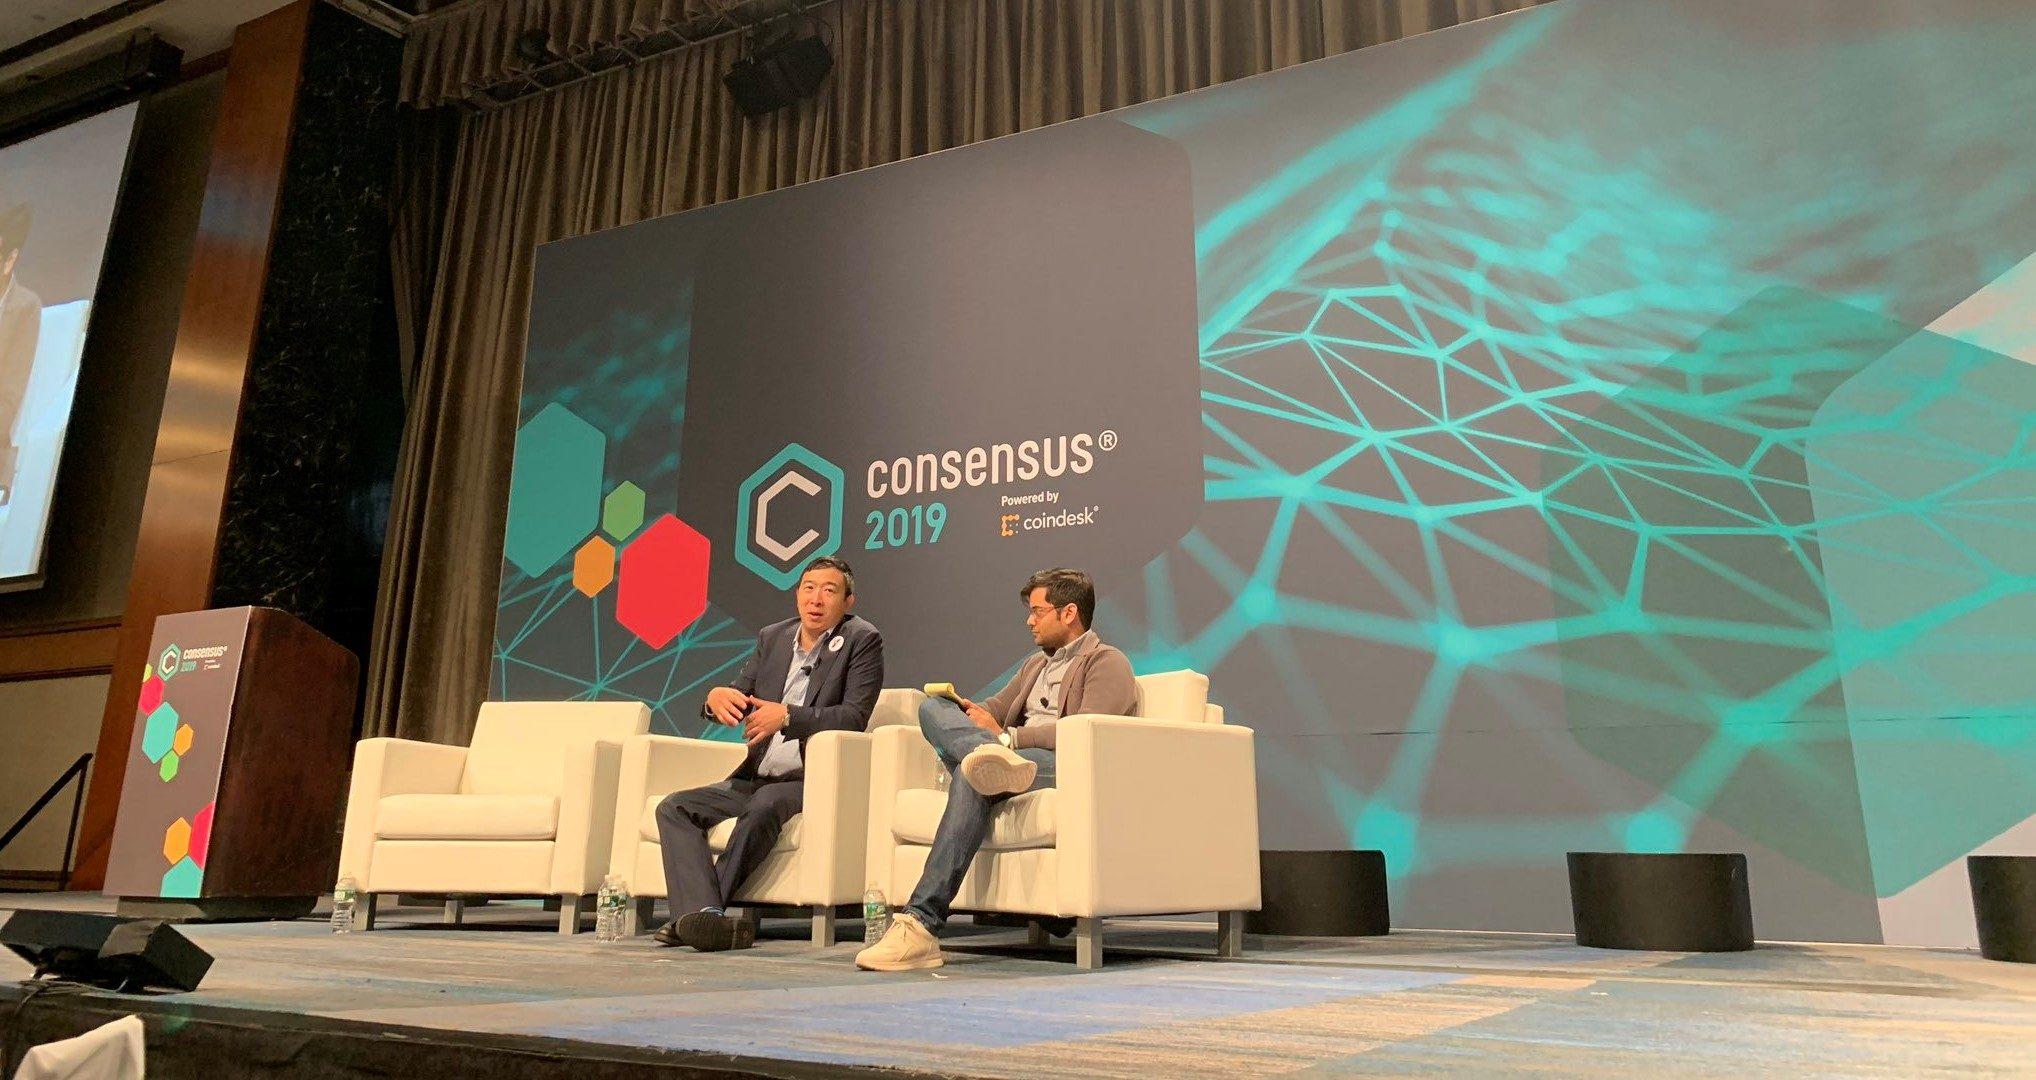 giá bitcoin: Ứng cử viên tranh cử Tổng thống Andrew Yang tin Blockchain sẽ là tương lai nước Mỹ